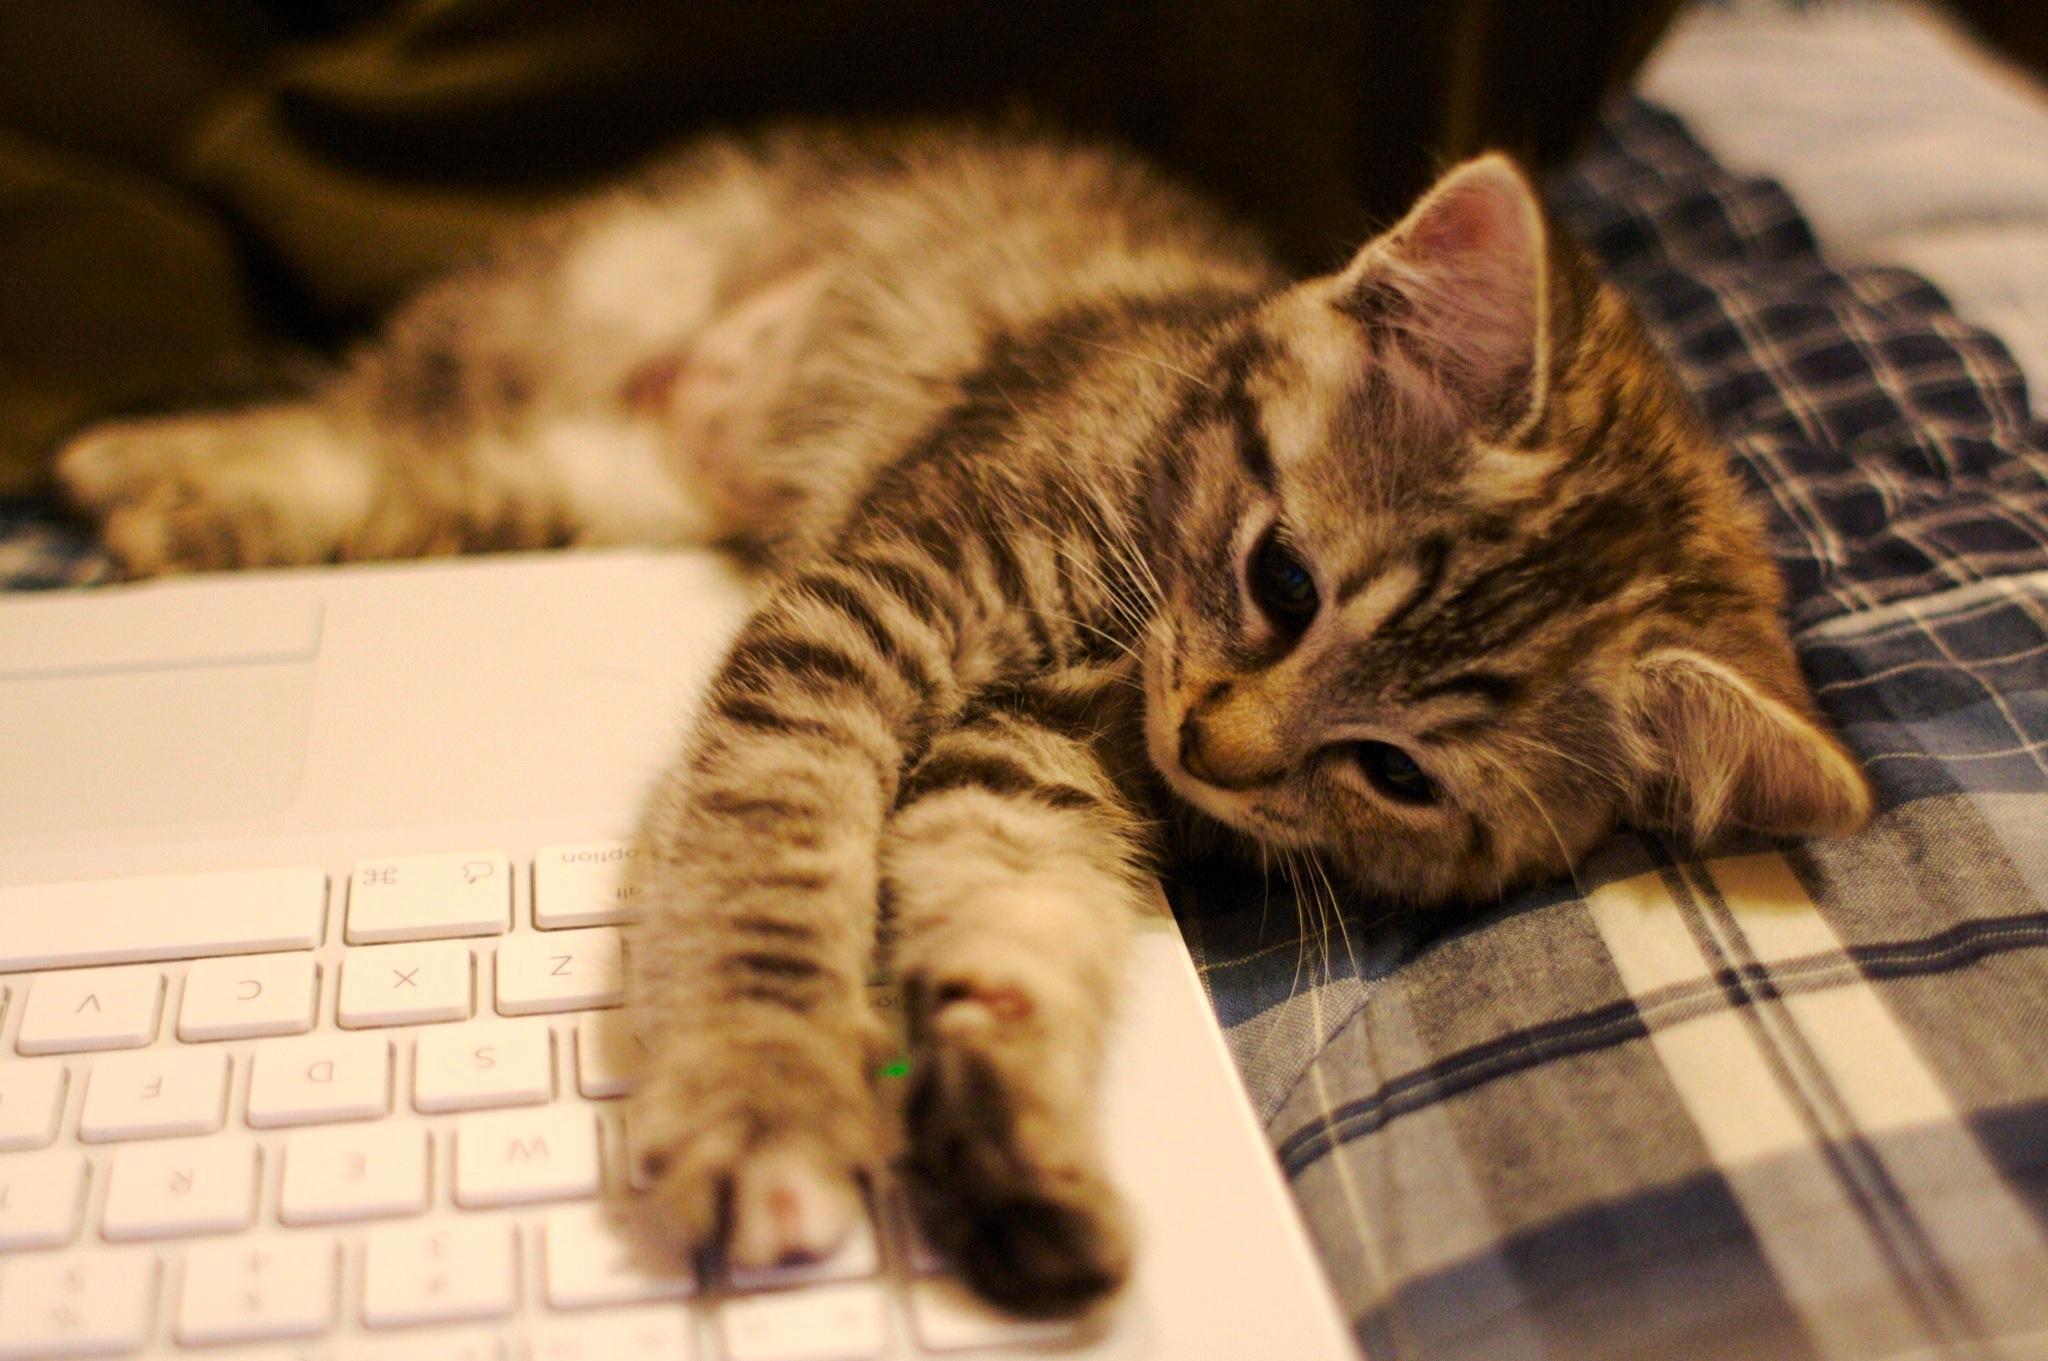 Сайт с непрерывным кошачьим мурчанием появился вглобальной паутине